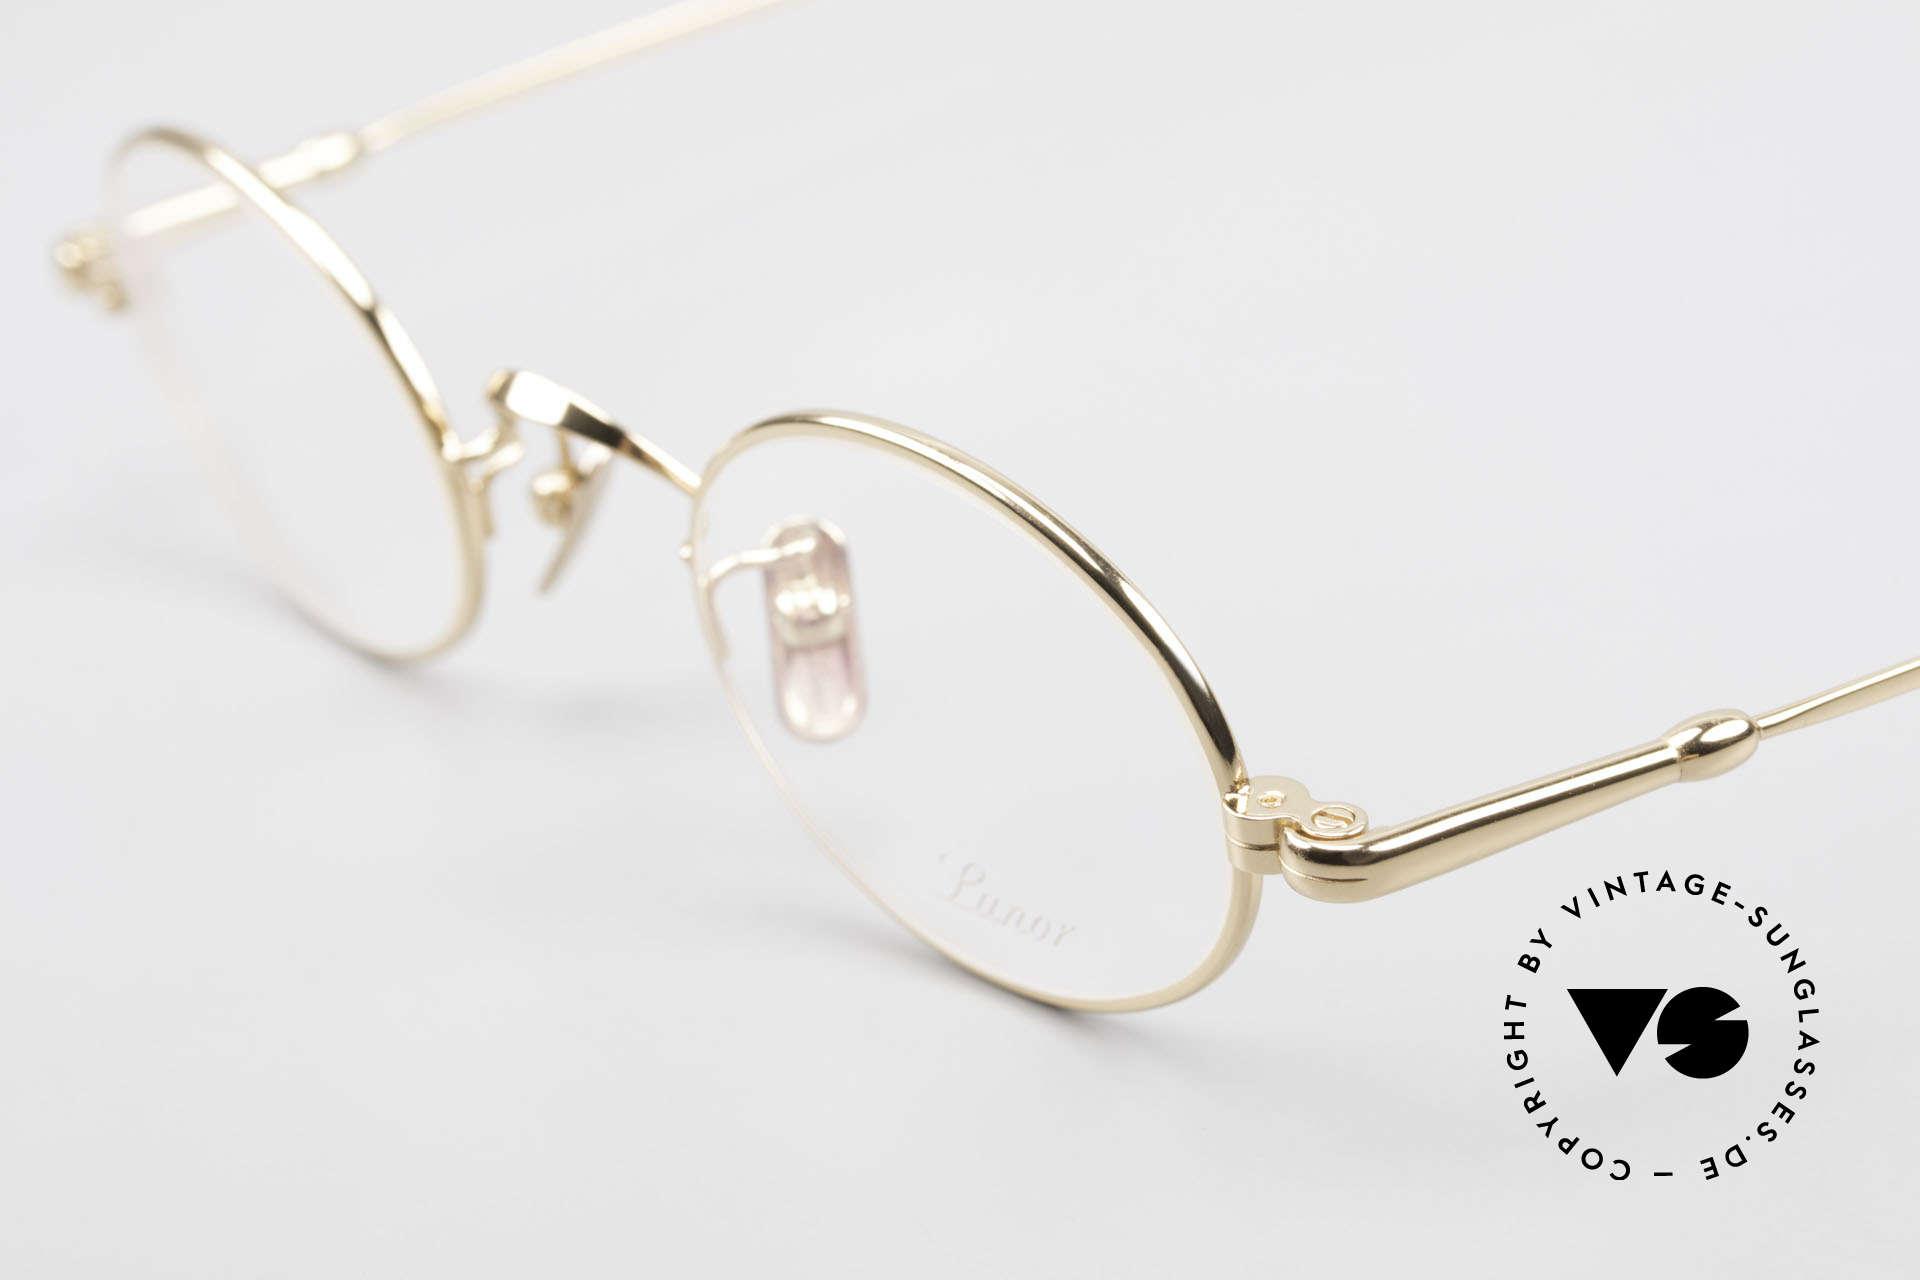 Lunor V 100 Ovale Brille 22kt Vergoldet, aus der 2011er Kollektion in altbekannter Qualität, Passend für Herren und Damen